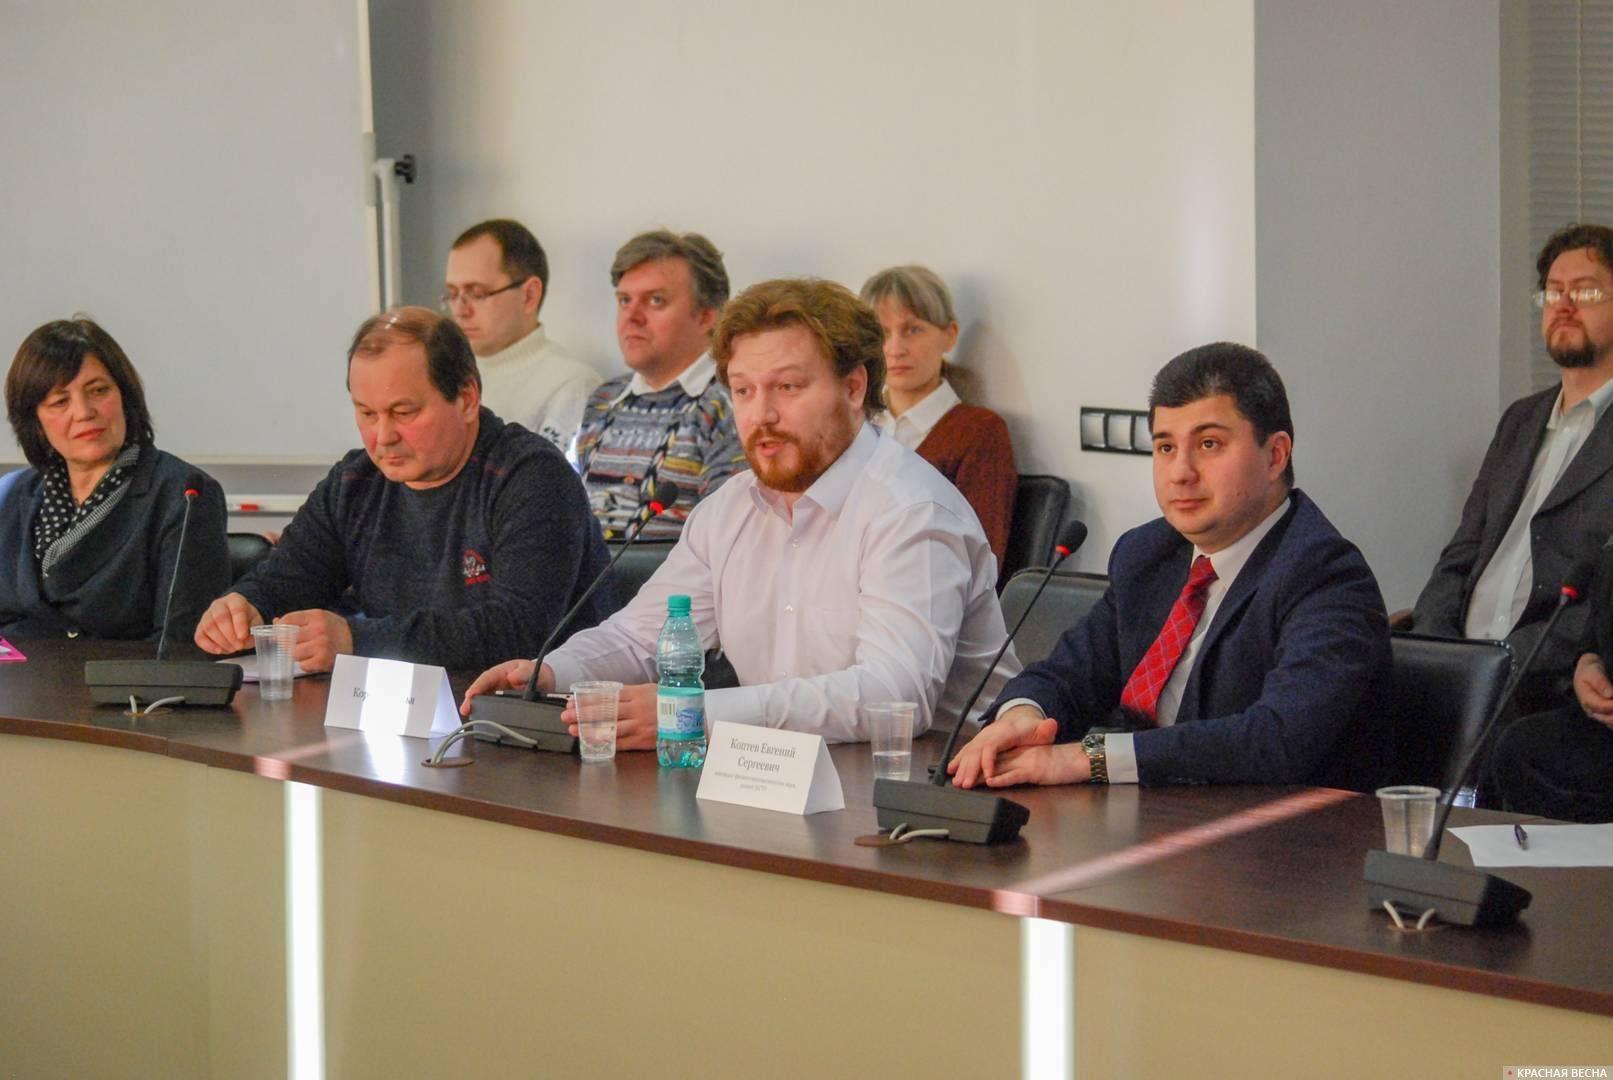 Илья Коробков (в центре). Конференция о последствиях пенсионной реформы. Новосибирск